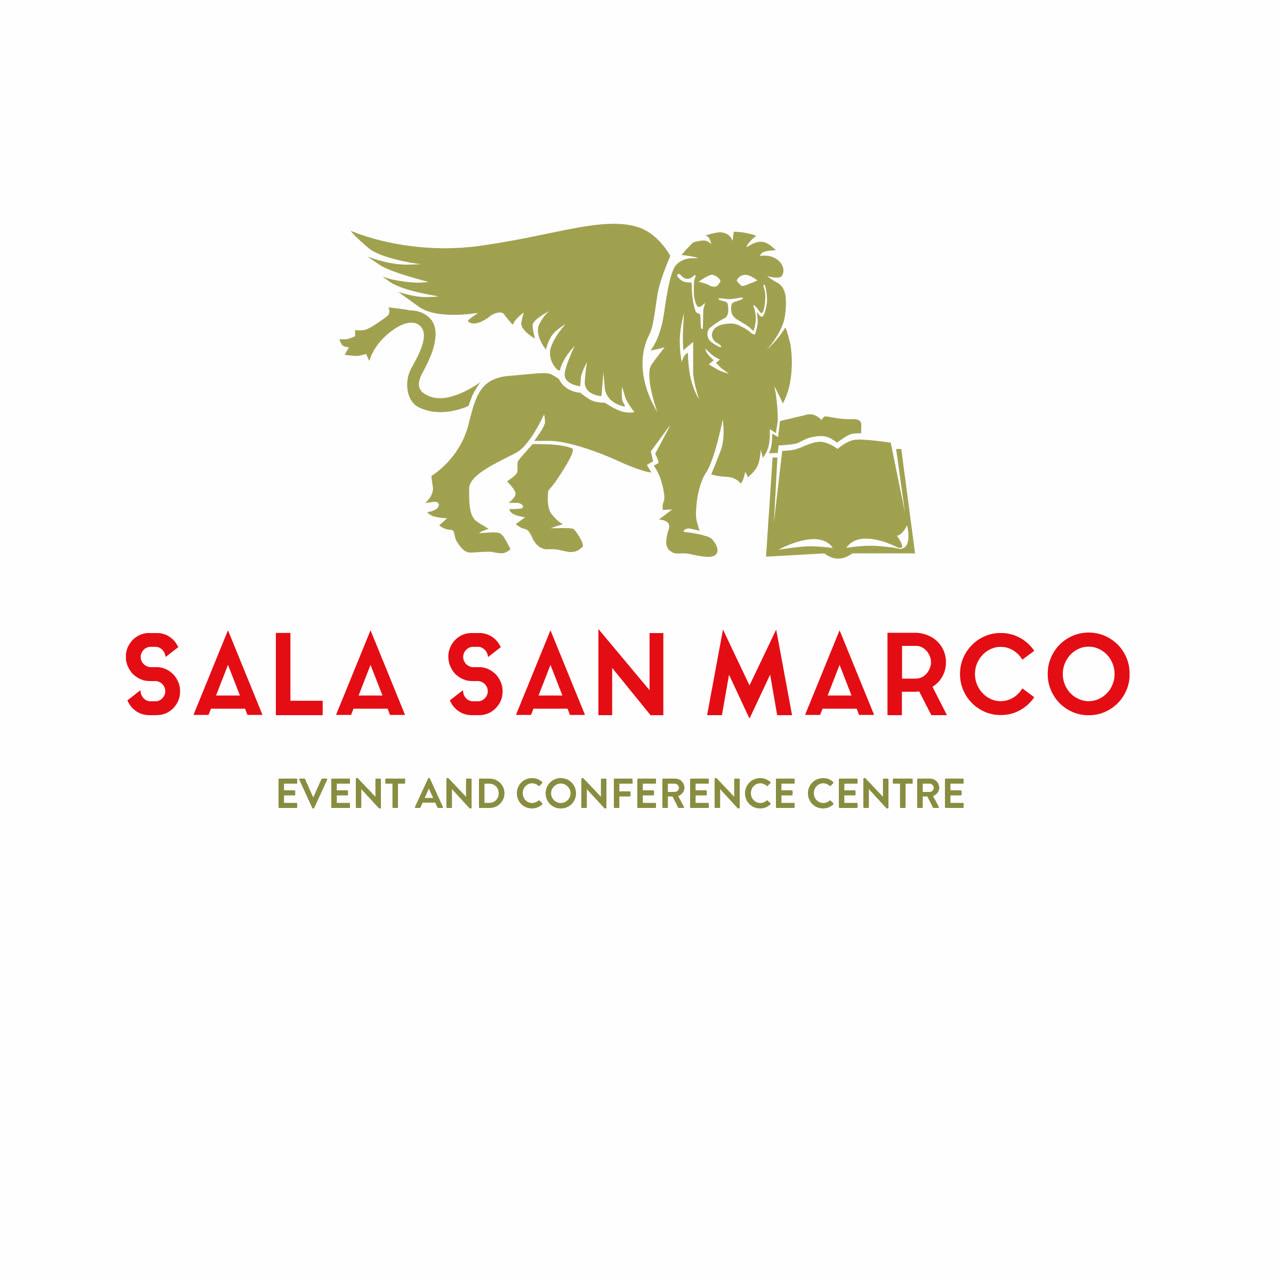 Sala San Marco